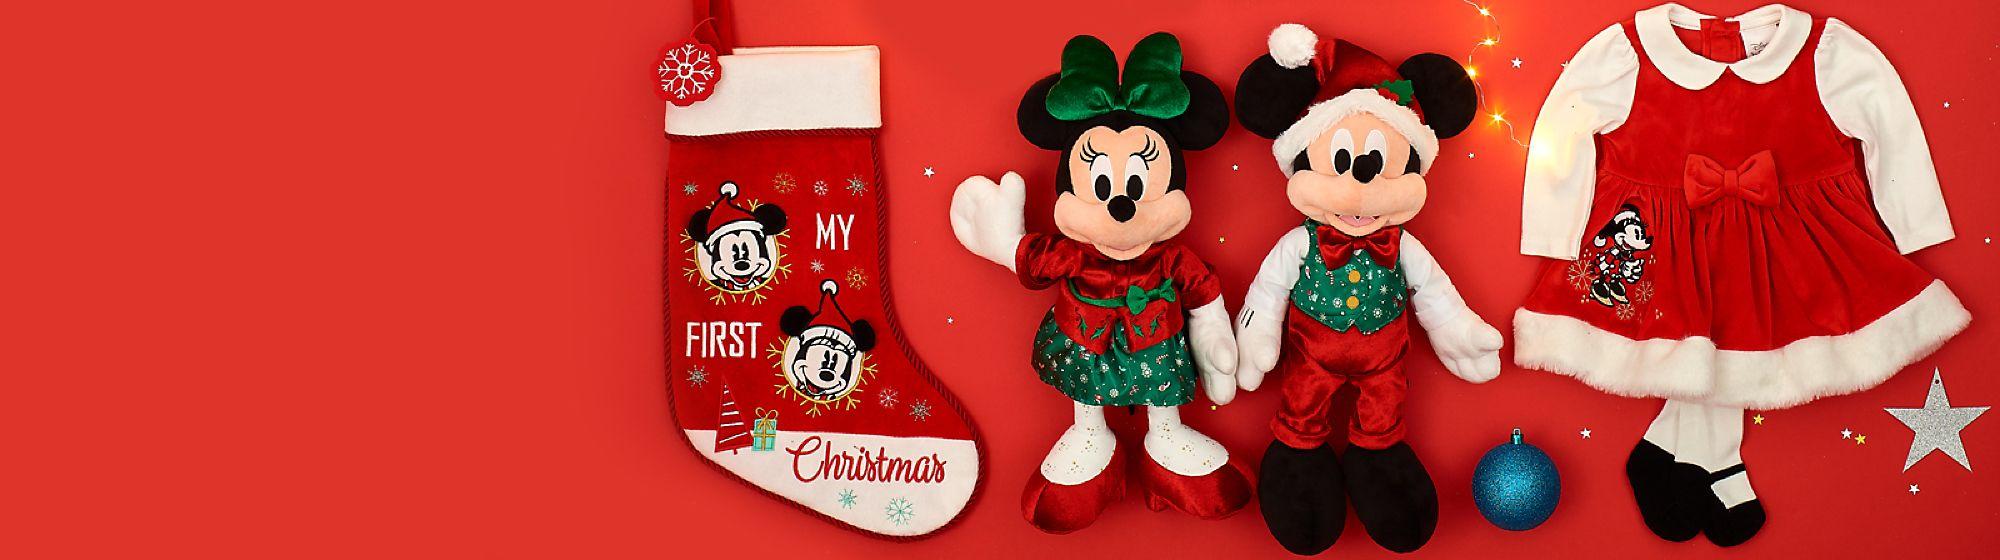 Chambre Bébé et Cadeaux Offrez de jolies décorations pour la chambre de bébé. Un cadre ou une couverture brodée sont de merveilleux cadeaux de naissance!